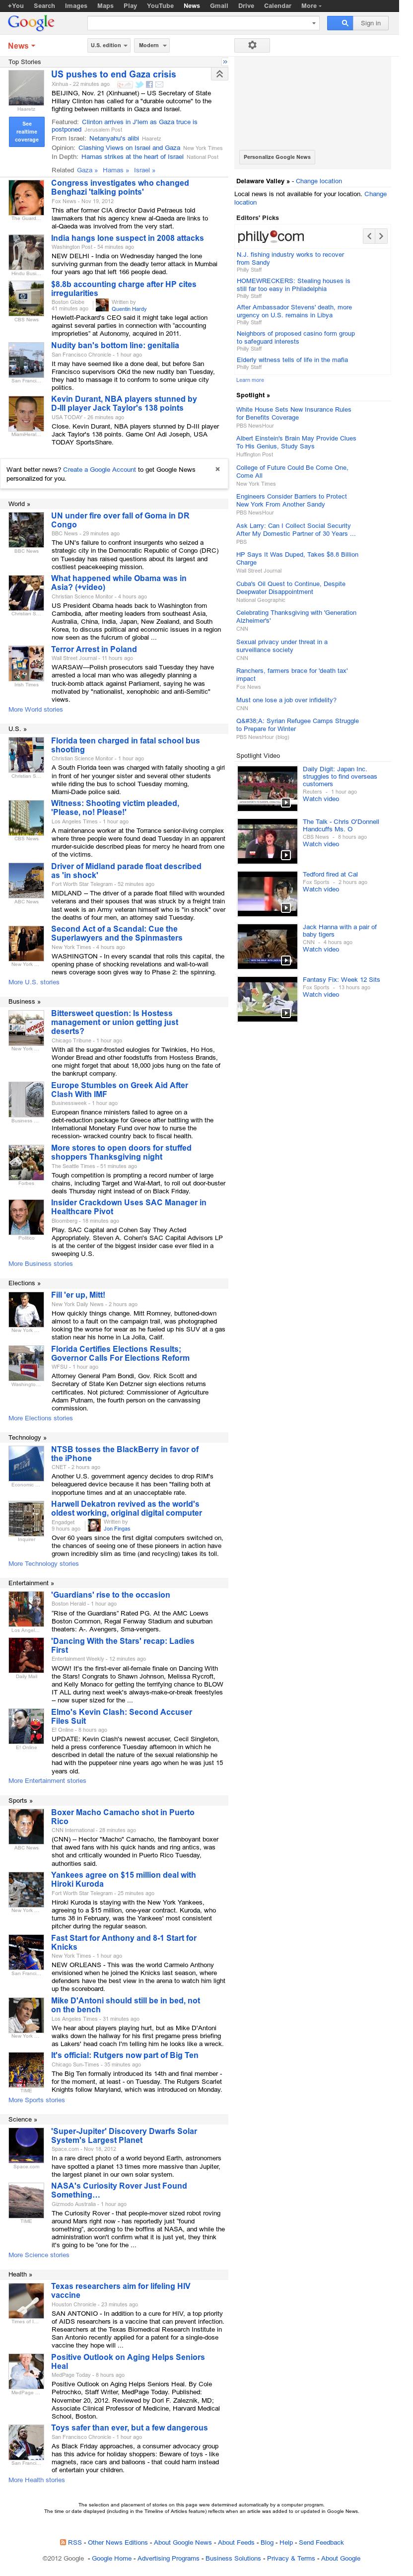 Google News at Wednesday Nov. 21, 2012, 6:10 a.m. UTC